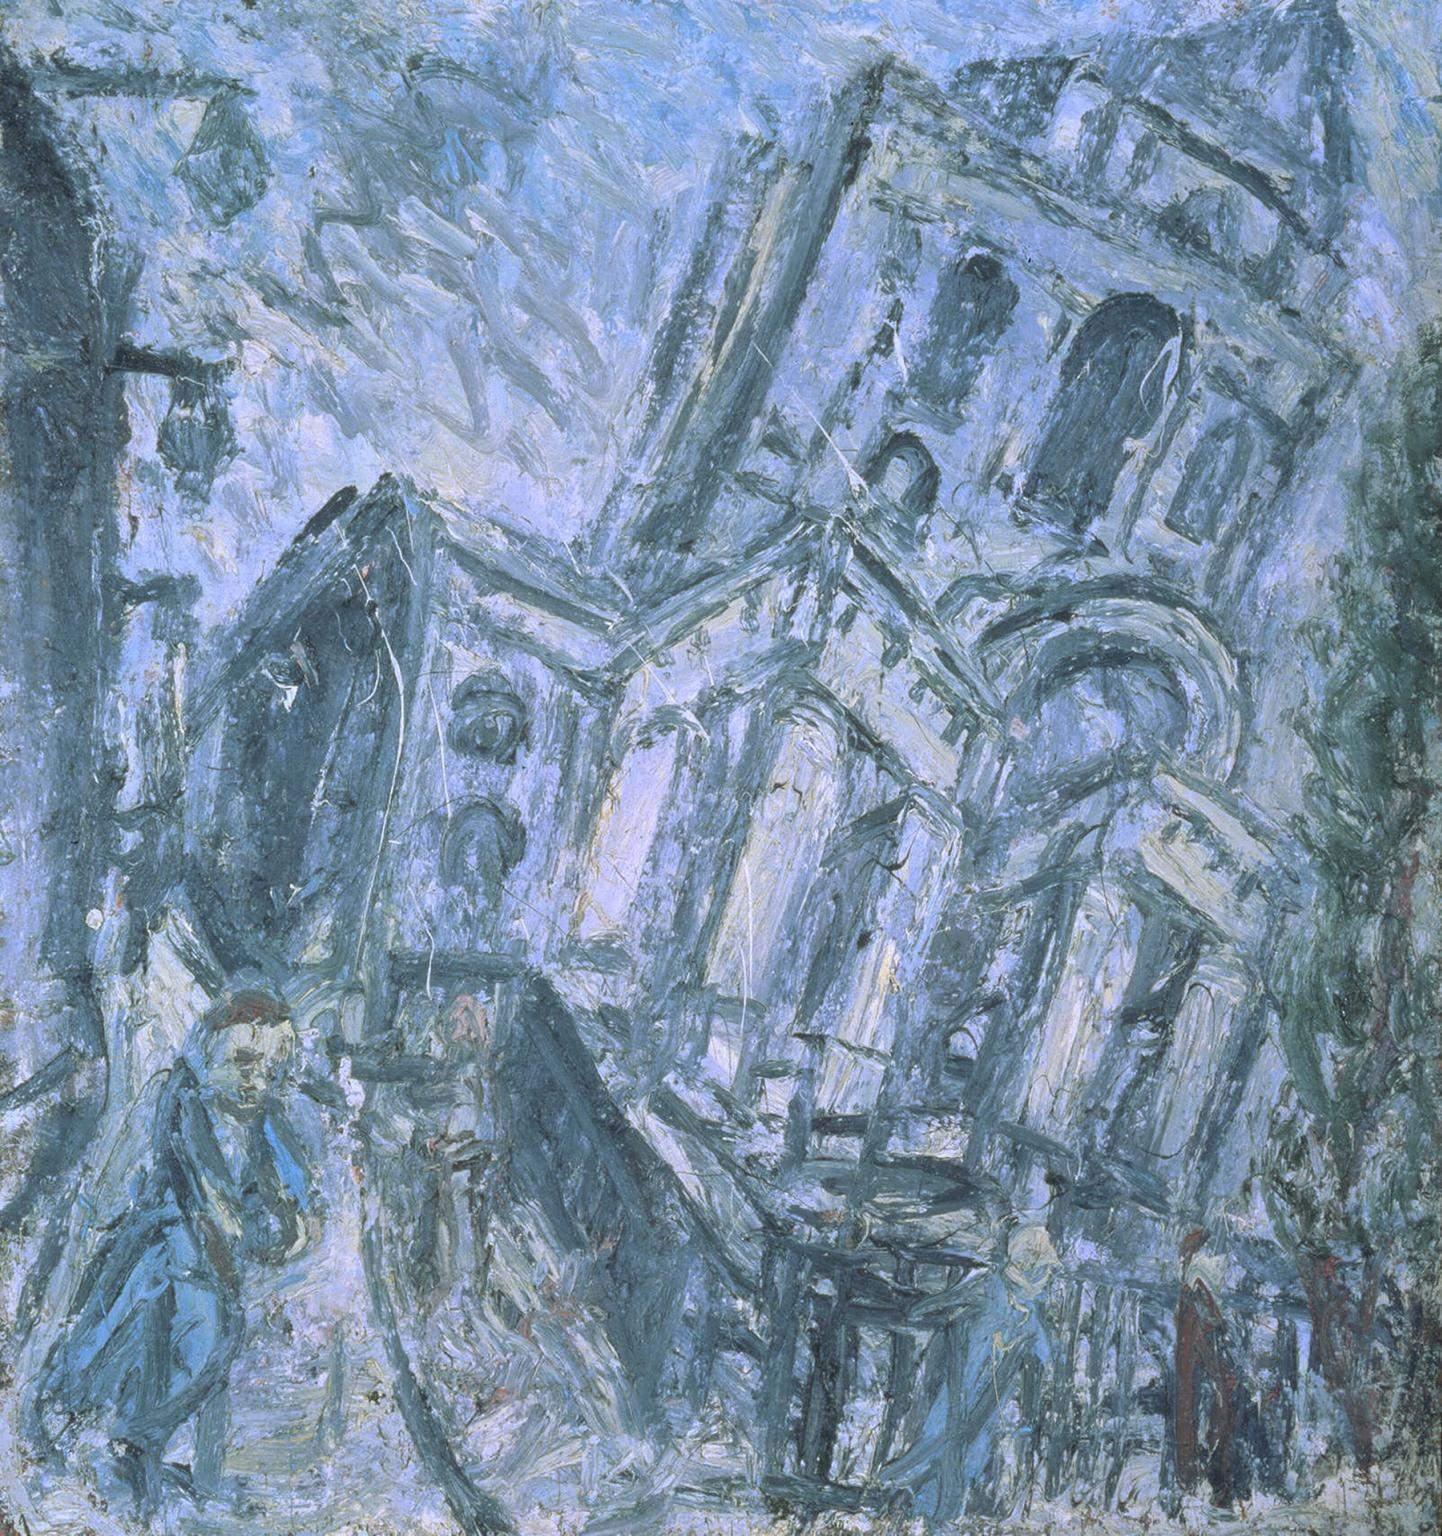 Леон Коссоф. Церковь Христа, Спиталфилдс, утром, 1990